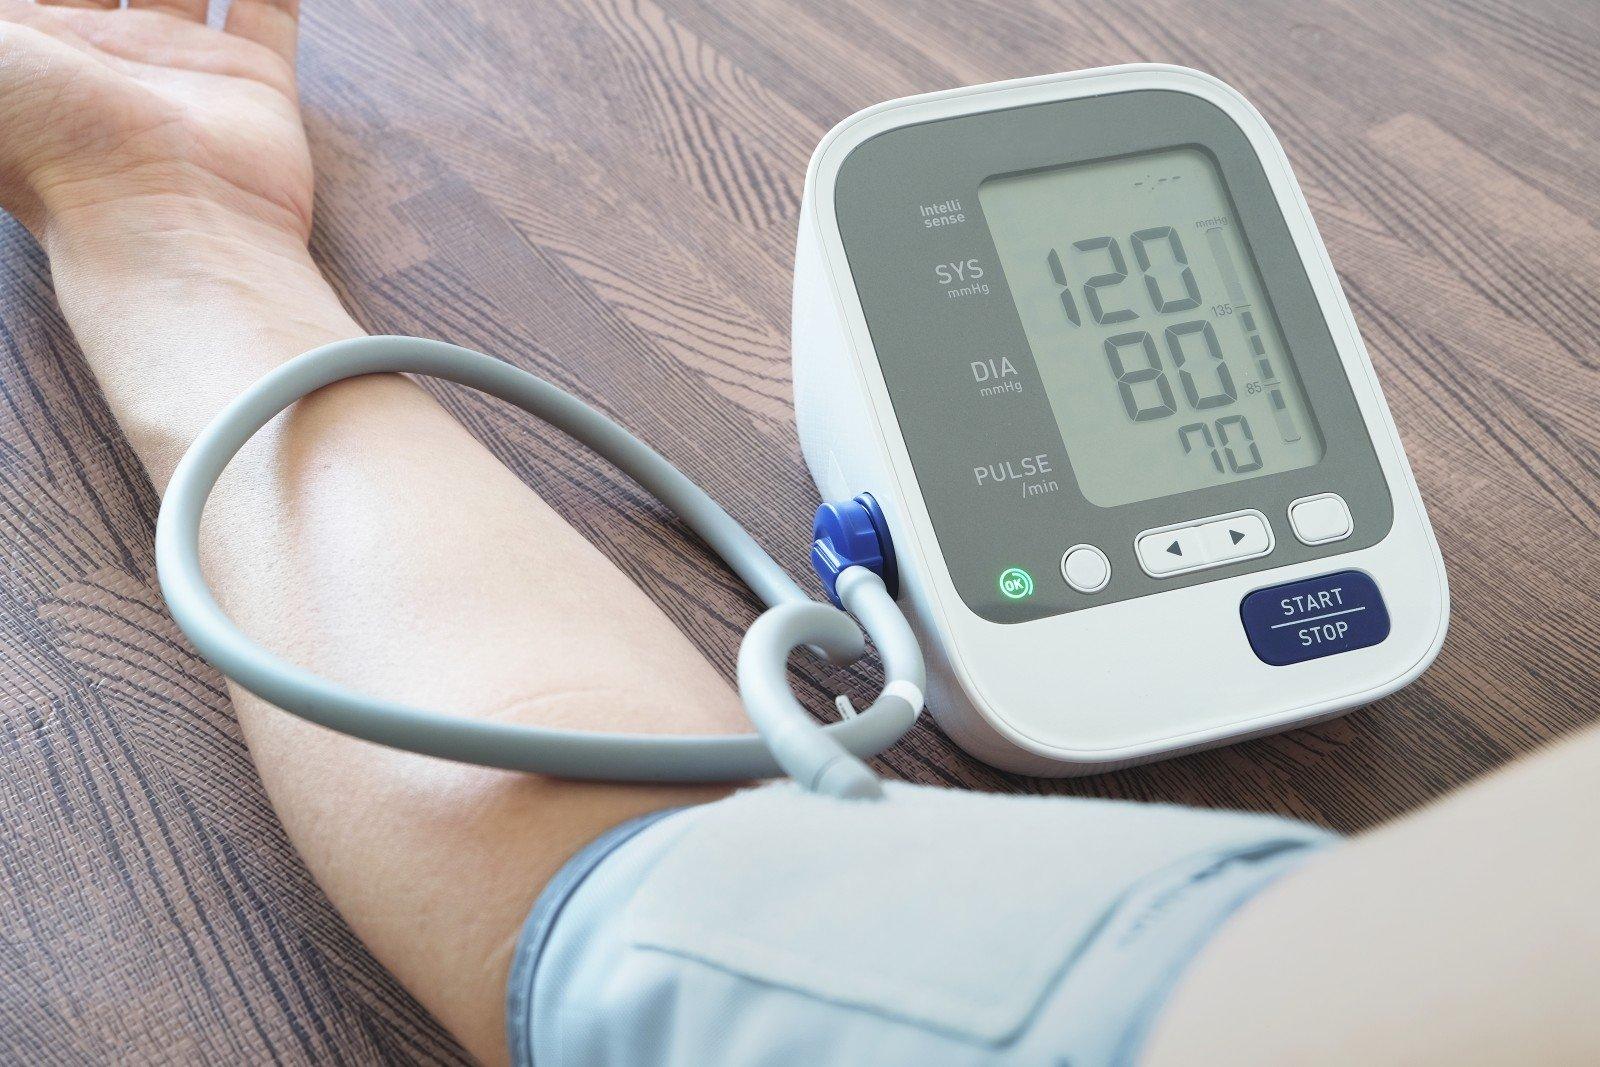 hipertenzija 2 šaukštai 2 rizika poilsis gydant hipertenzija